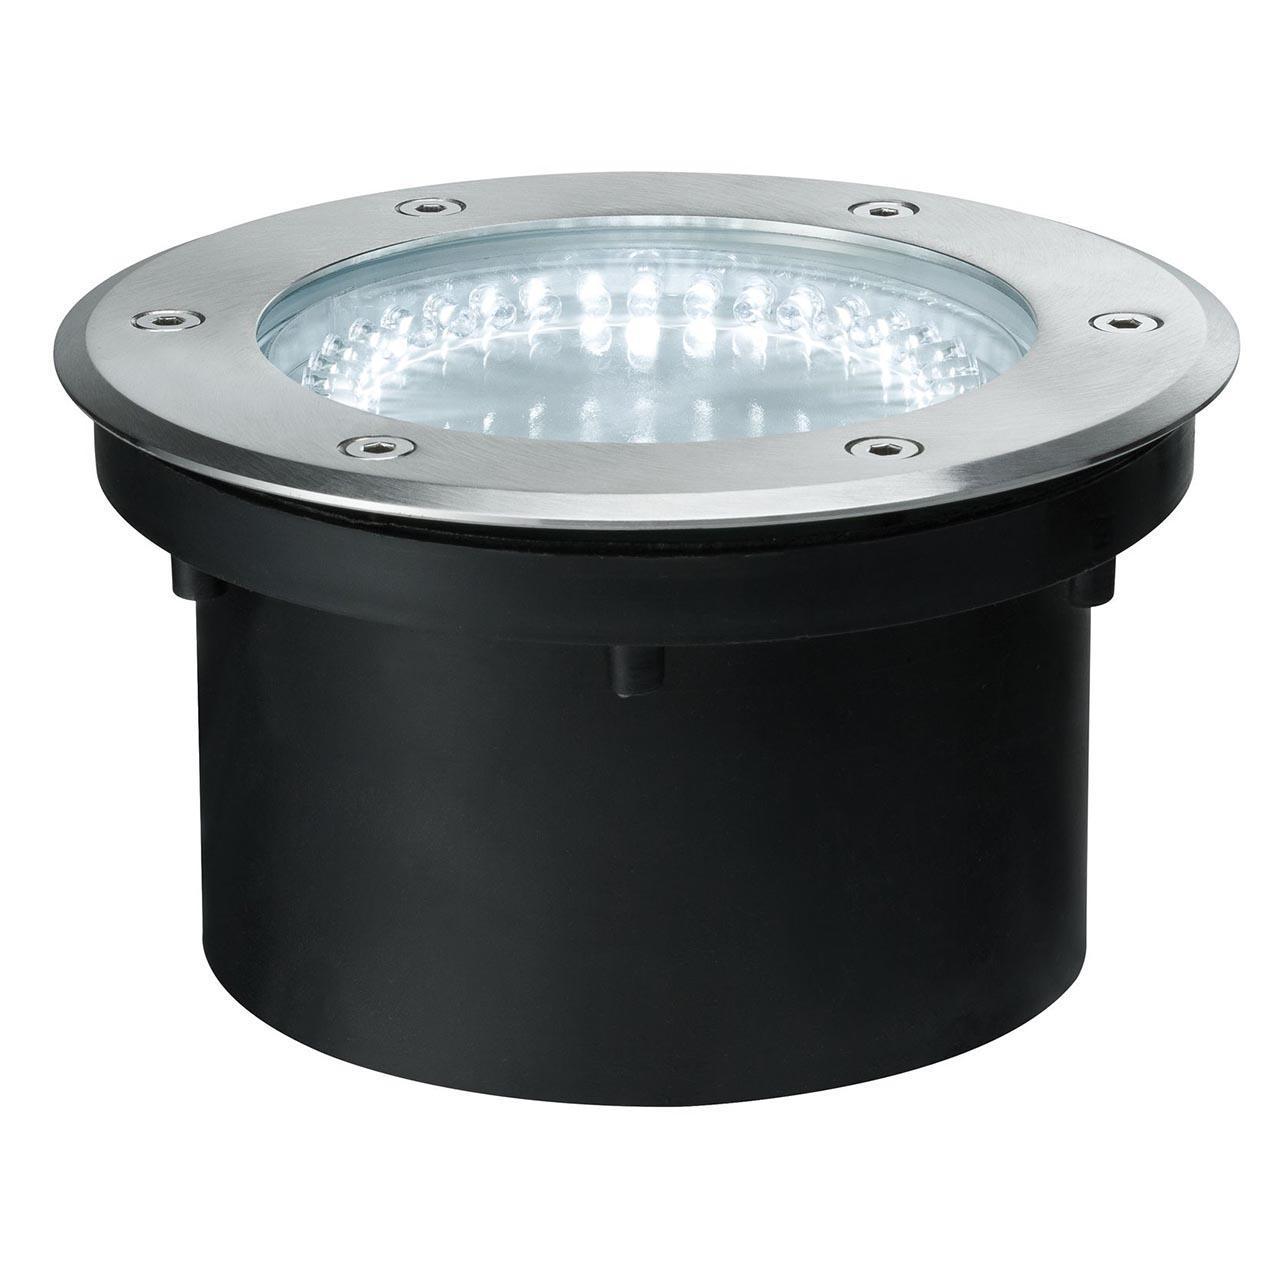 Ландшафтный светодиодный светильник Boden